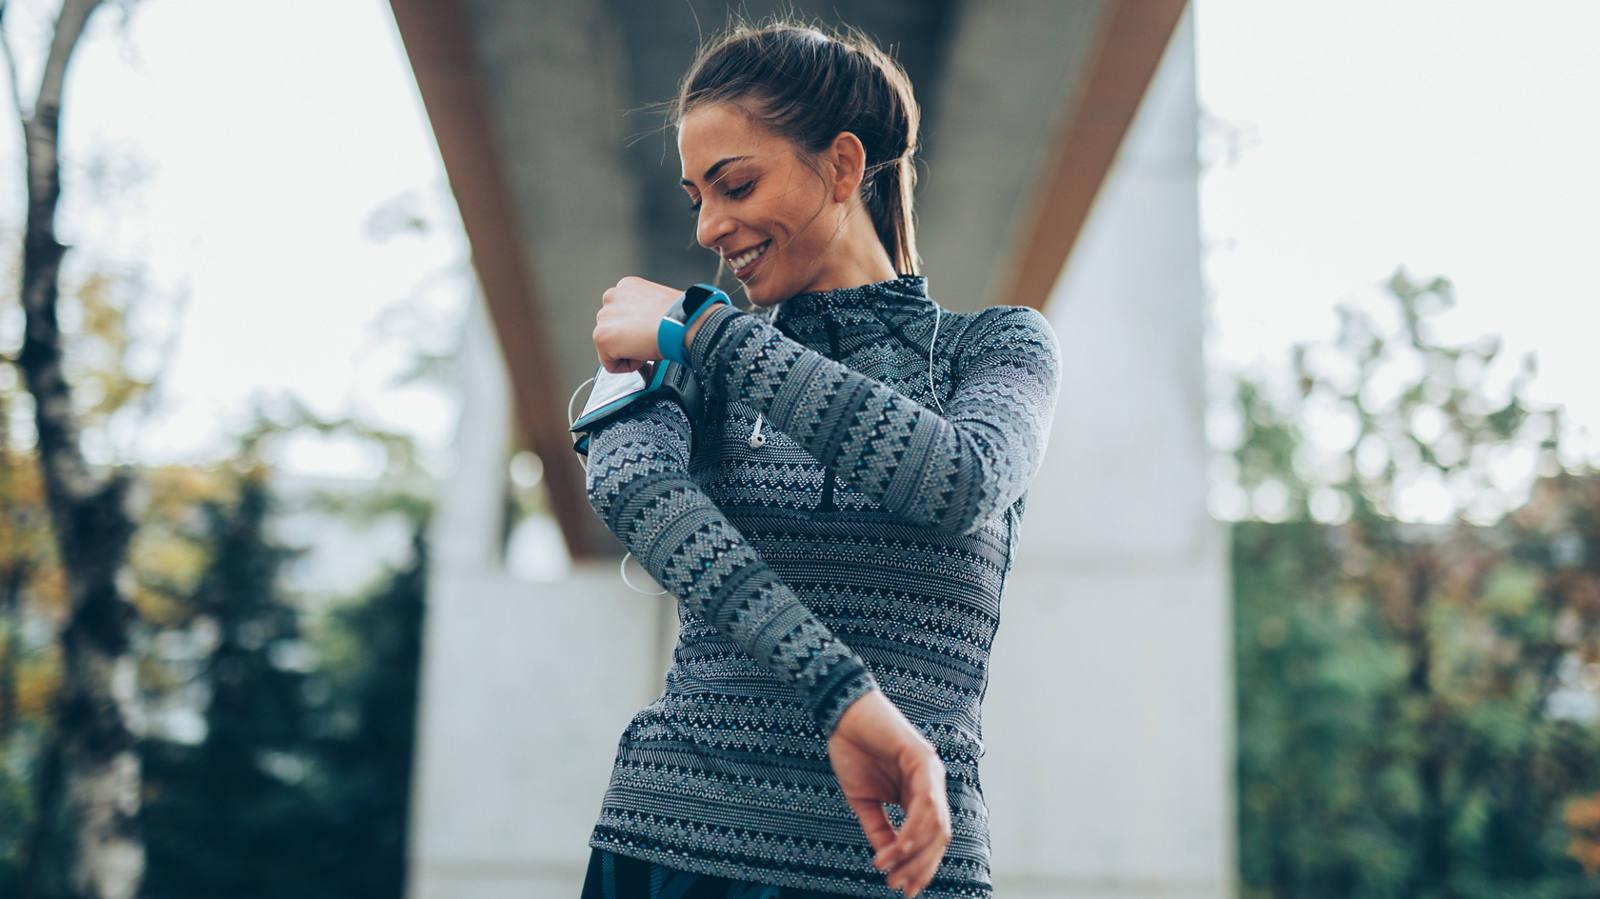 Frau am Joggen mit Smartwatch